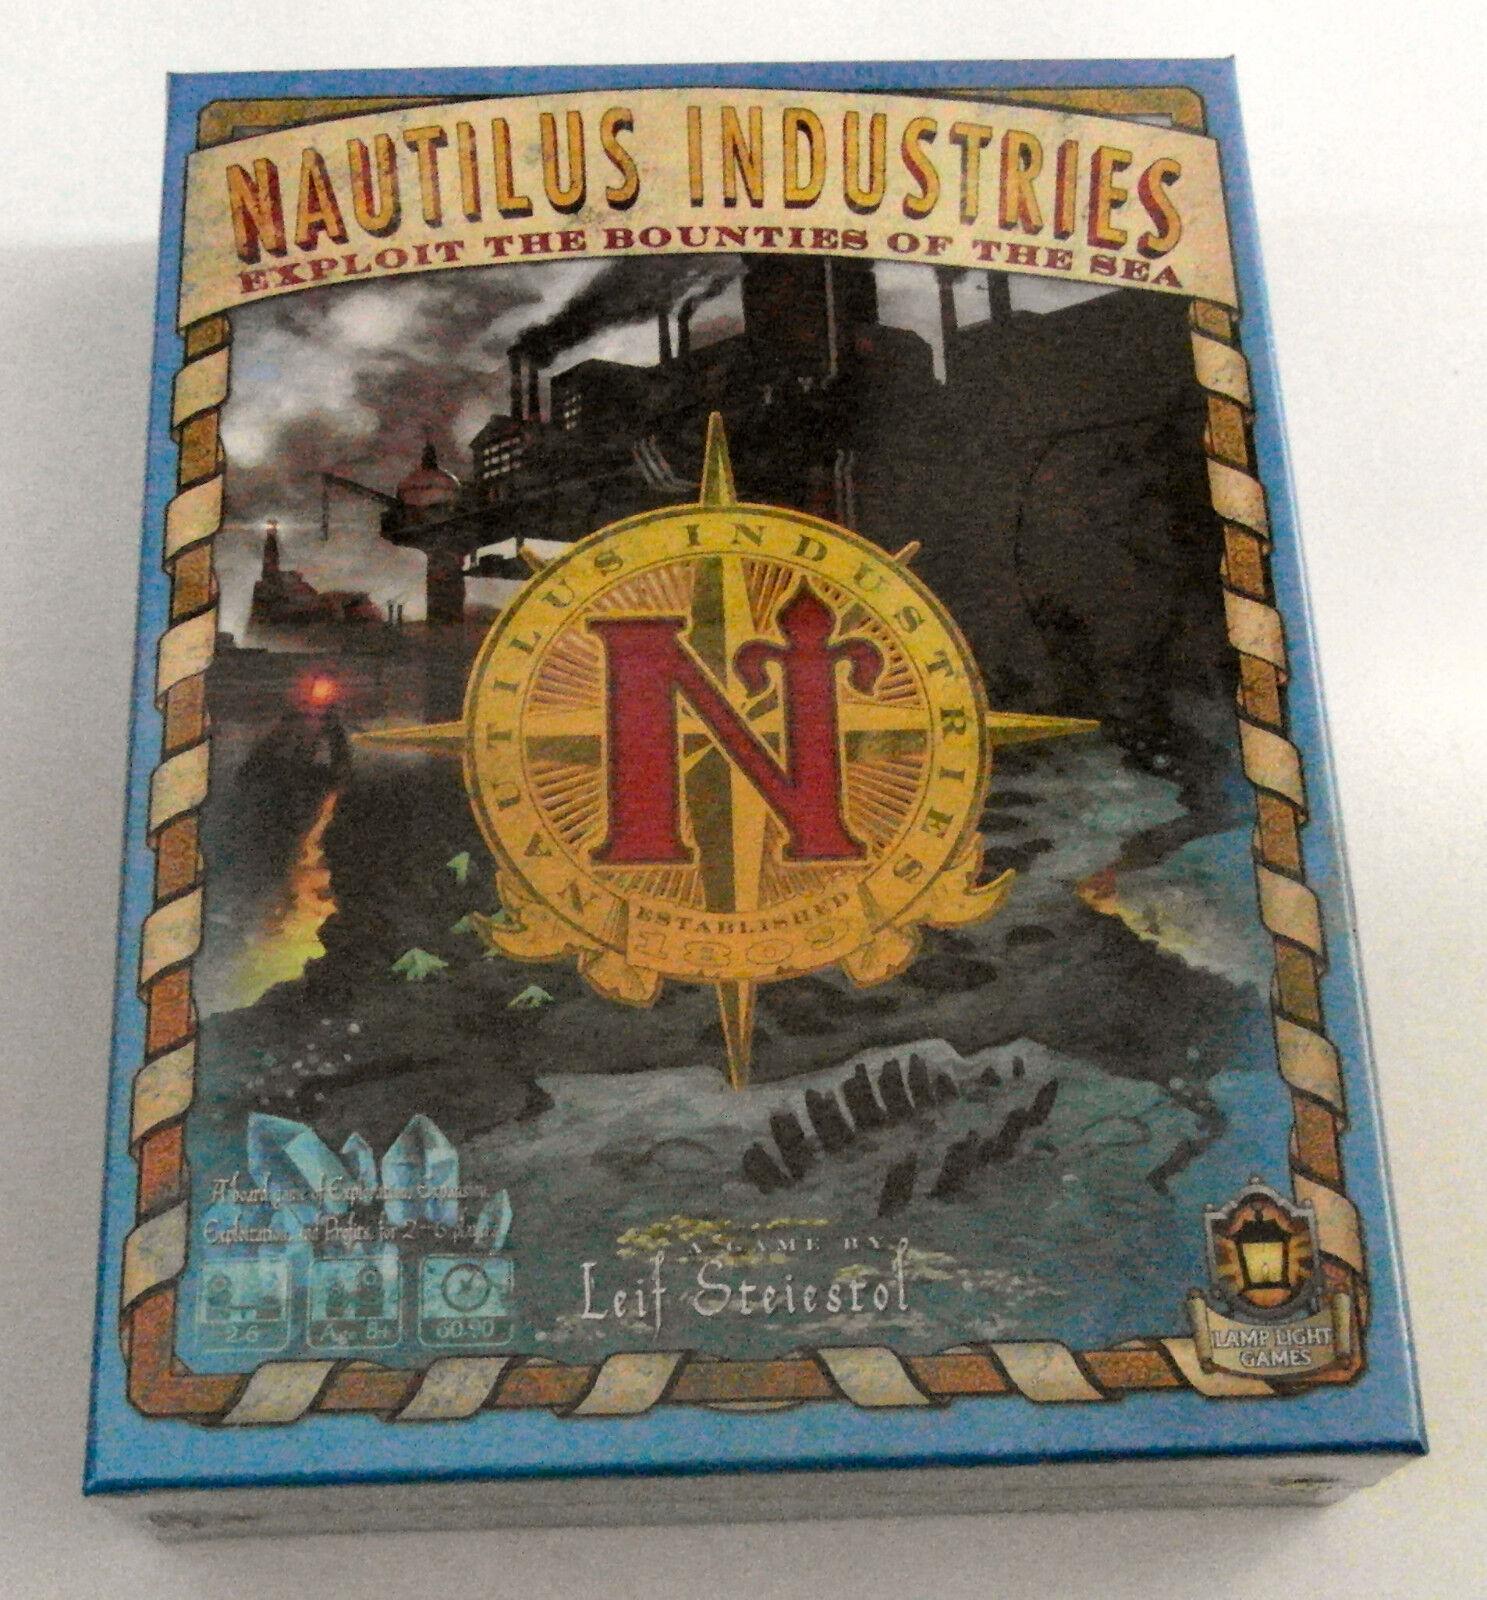 Nautilus Industries - Lamp Light Games Inc. - 2015